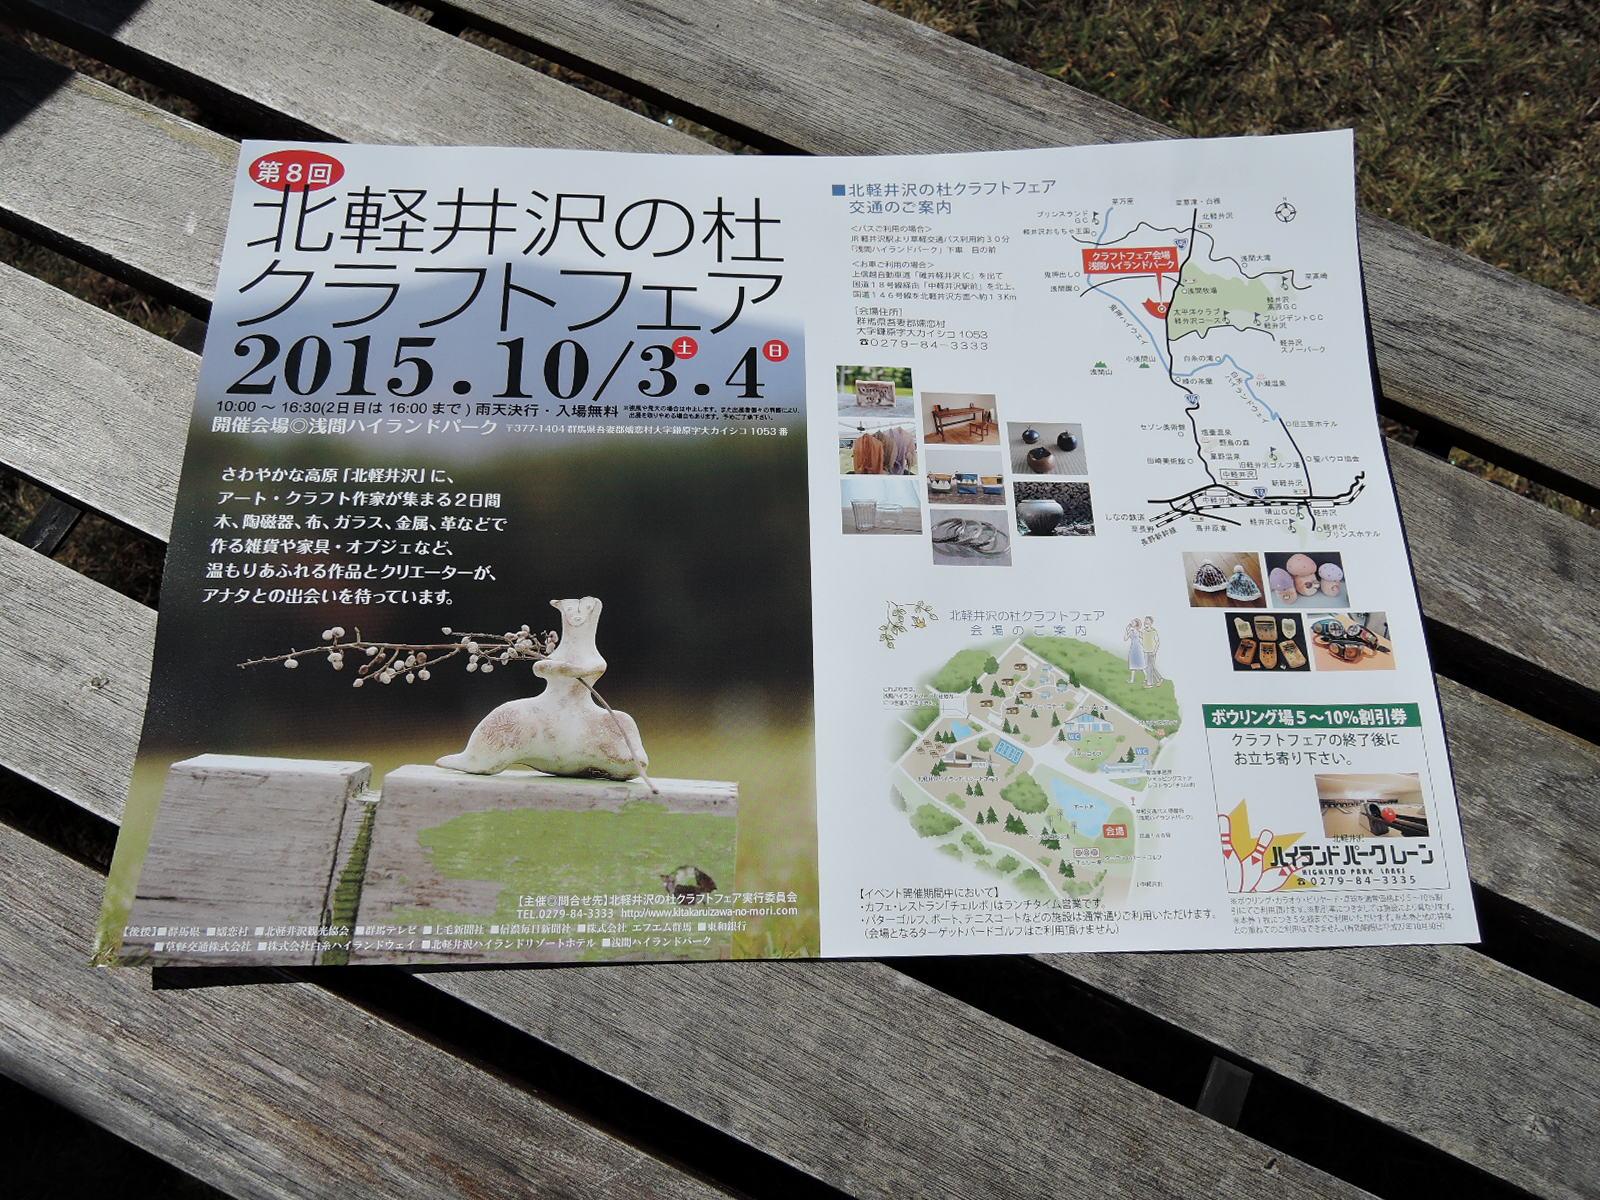 北軽井沢の杜クラフトフェア パンフレット